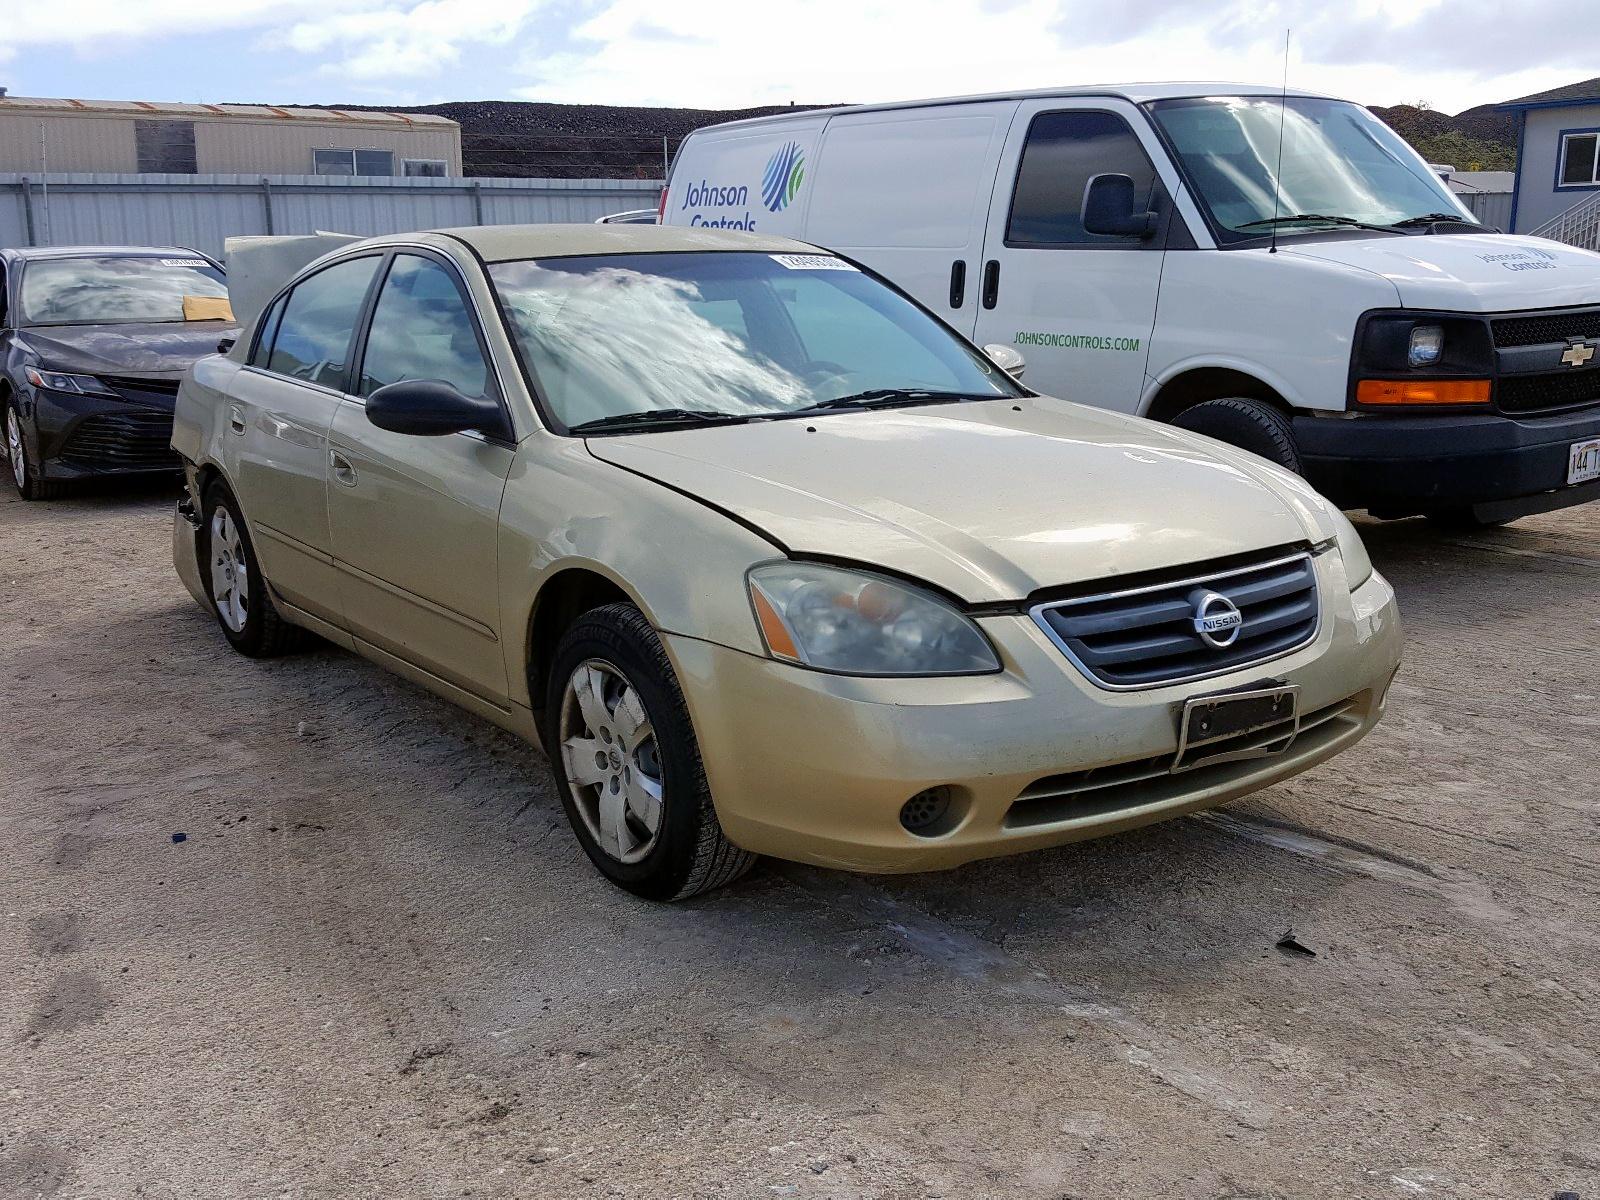 1N4AL11D14C170056 - 2004 Nissan Altima Bas 2.5L Left View